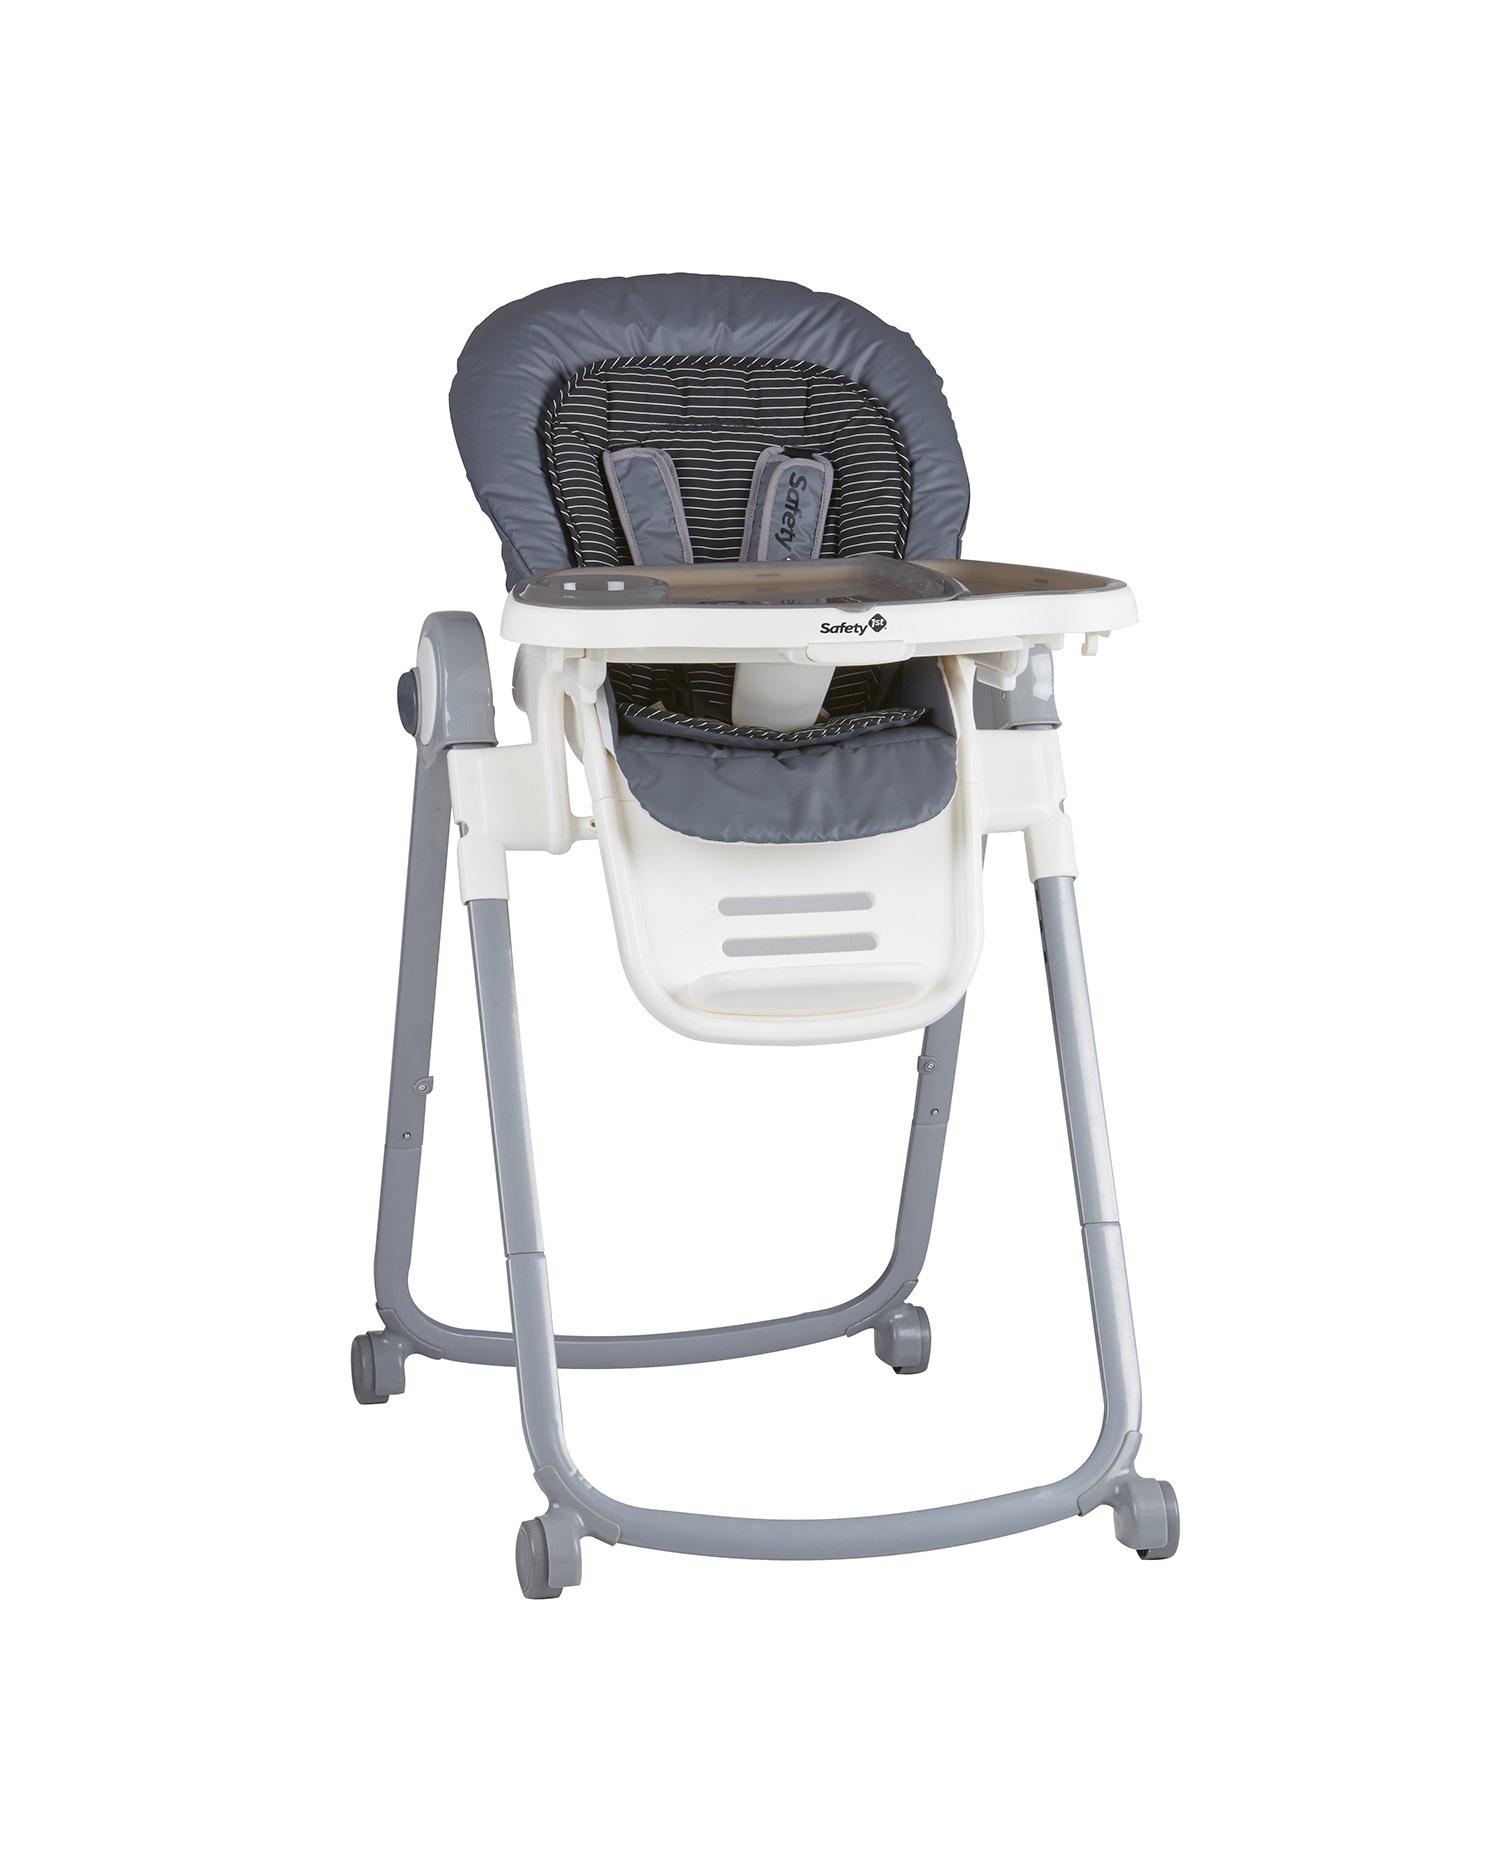 Safety 1st Lumbar Highchair